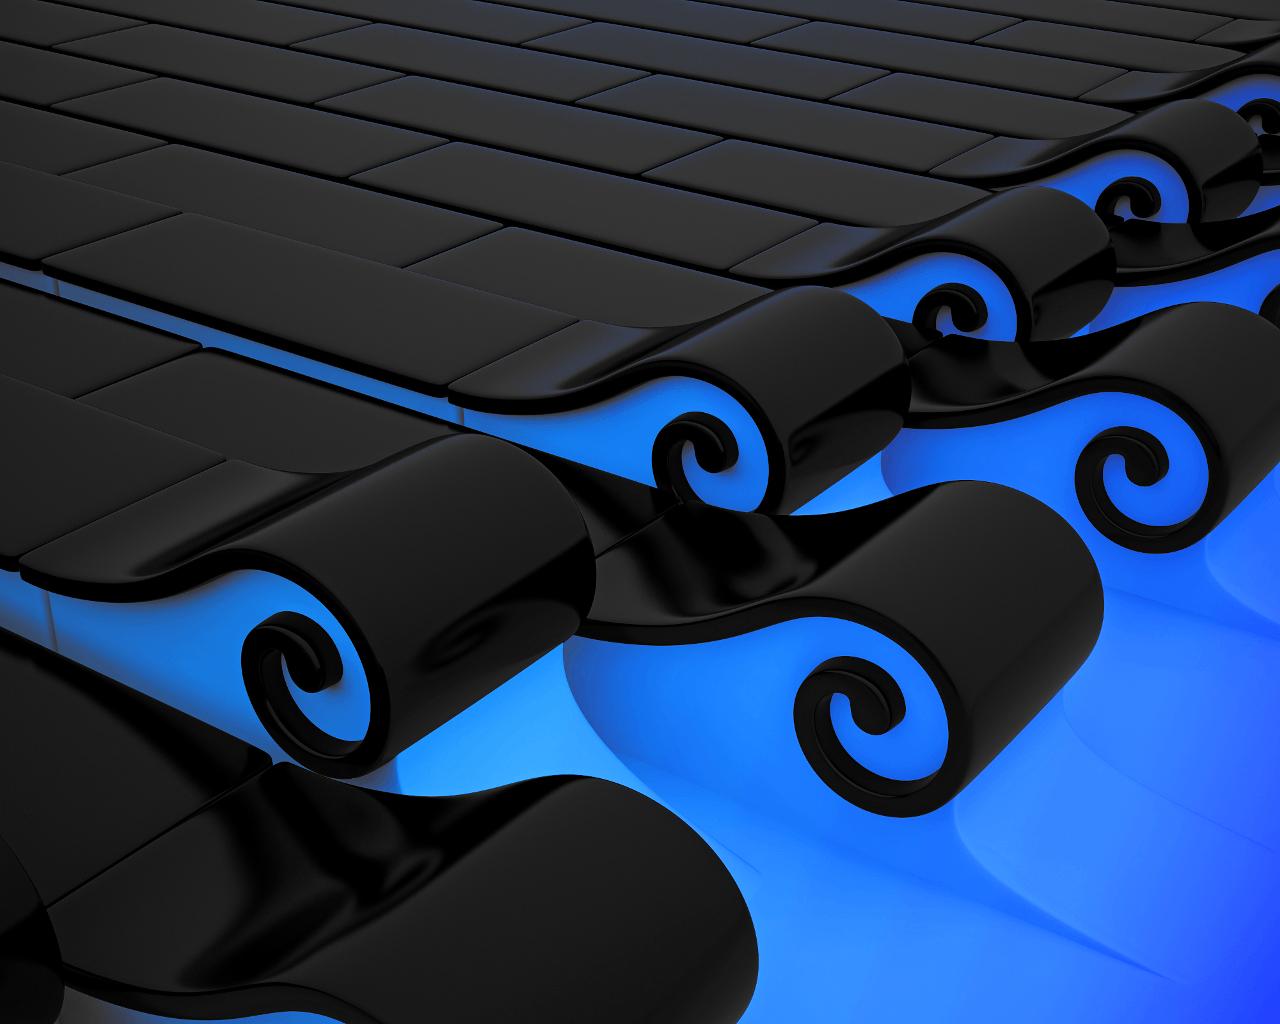 Abstract Design 3d Desktop Hd Wallpaper: 3D Abstract Wallpapers